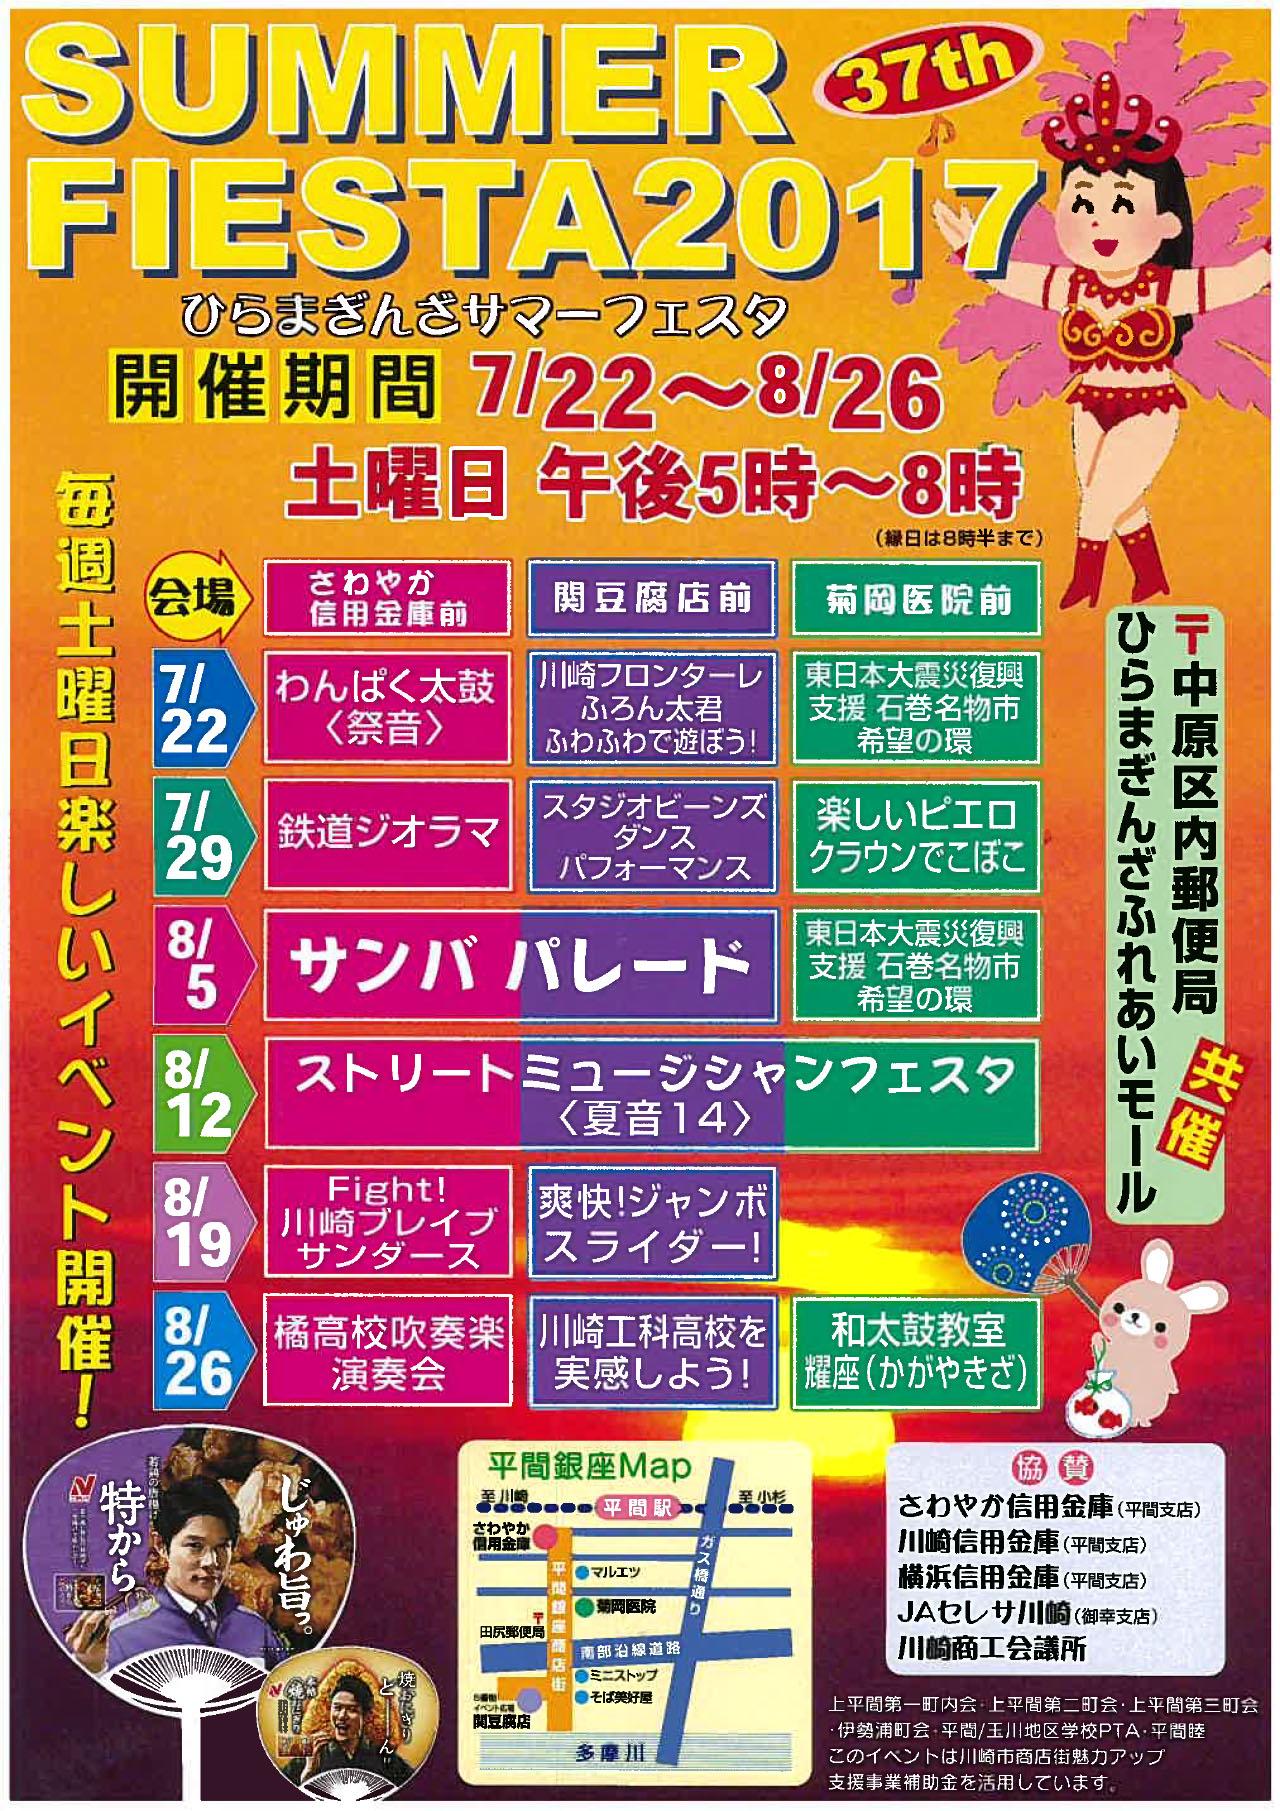 チラシ_ひらまぎんざサマーフェスタ2017